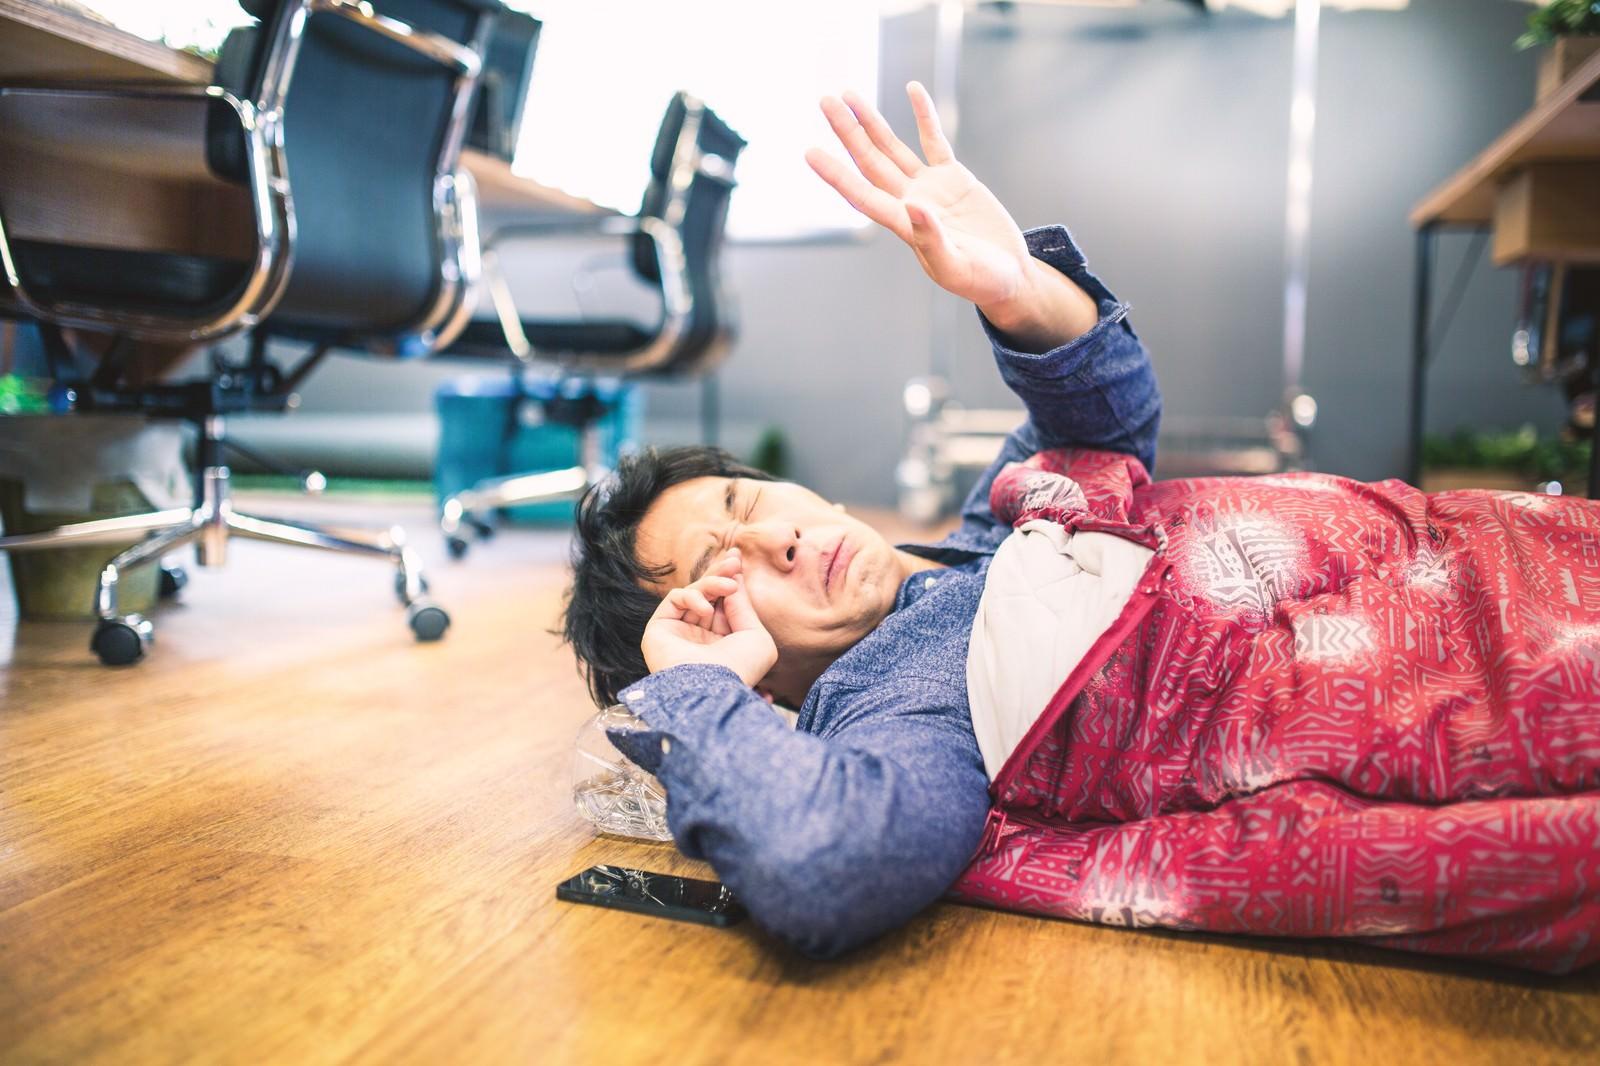 「朝、出社したら徹夜明けの上司が眠い目をこすっていた朝、出社したら徹夜明けの上司が眠い目をこすっていた」[モデル:大川竜弥]のフリー写真素材を拡大